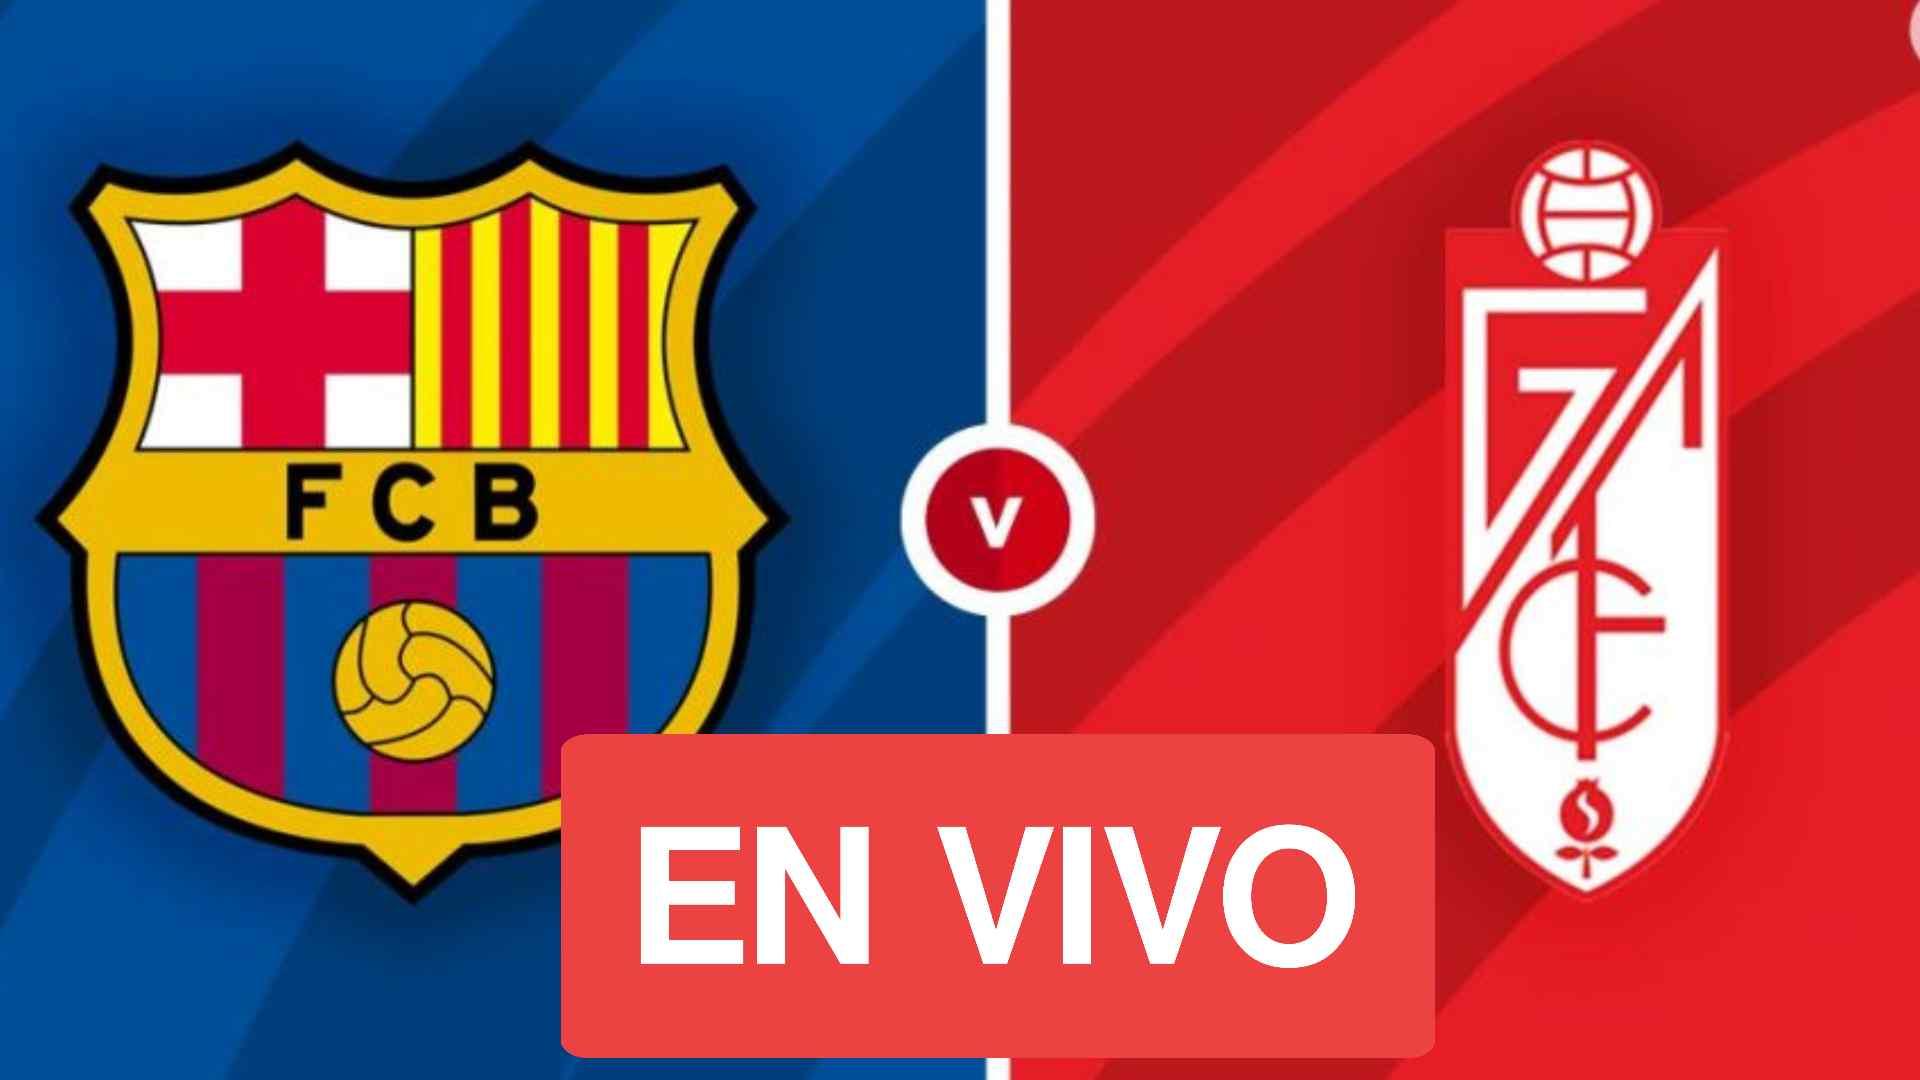 En Directo Barcelona vs Granada Por La Liga Barcelona-Granada EN VIVO por LaLiga | TV y cómo ver el partido de hoy en directo